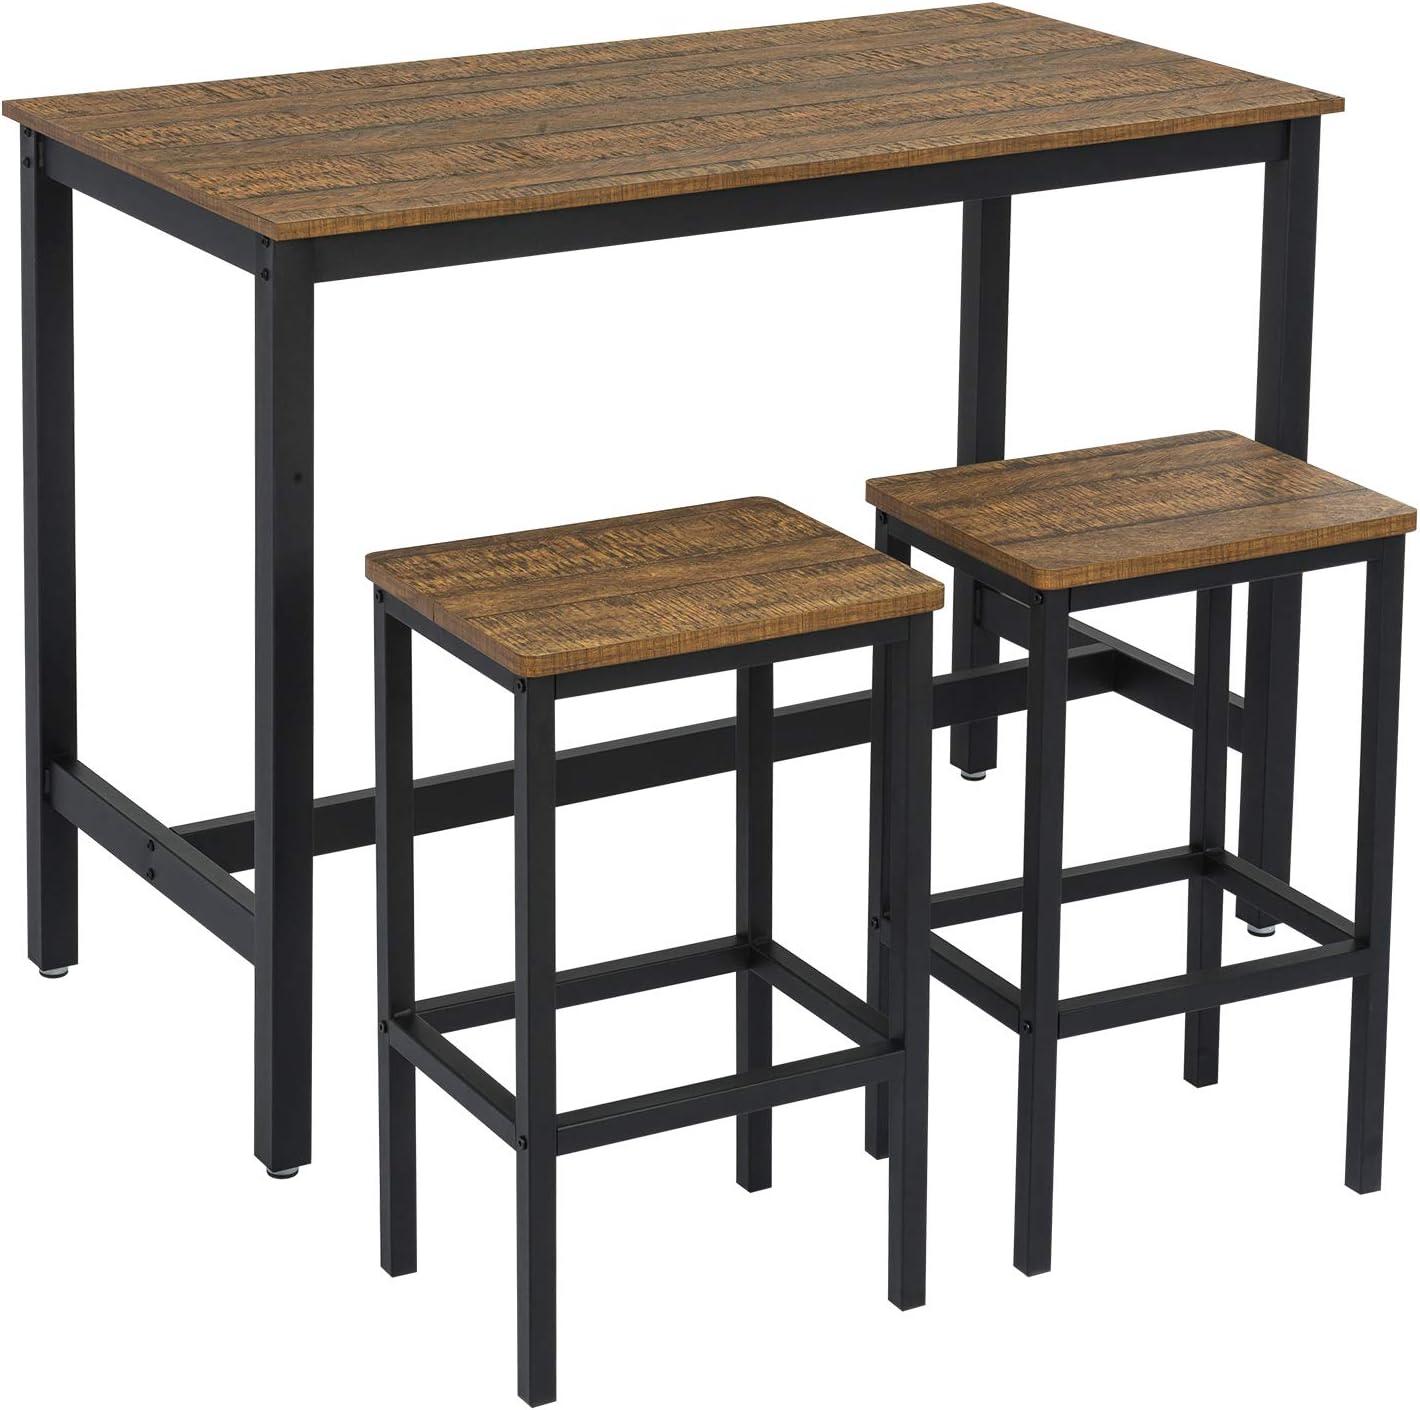 Meerveil Bar Table Set Bar Table and Chairs Iron Wood Kitchen Table and  Chairs Bar Table and Bar Stool Restaurant Bar Table Dark Wood